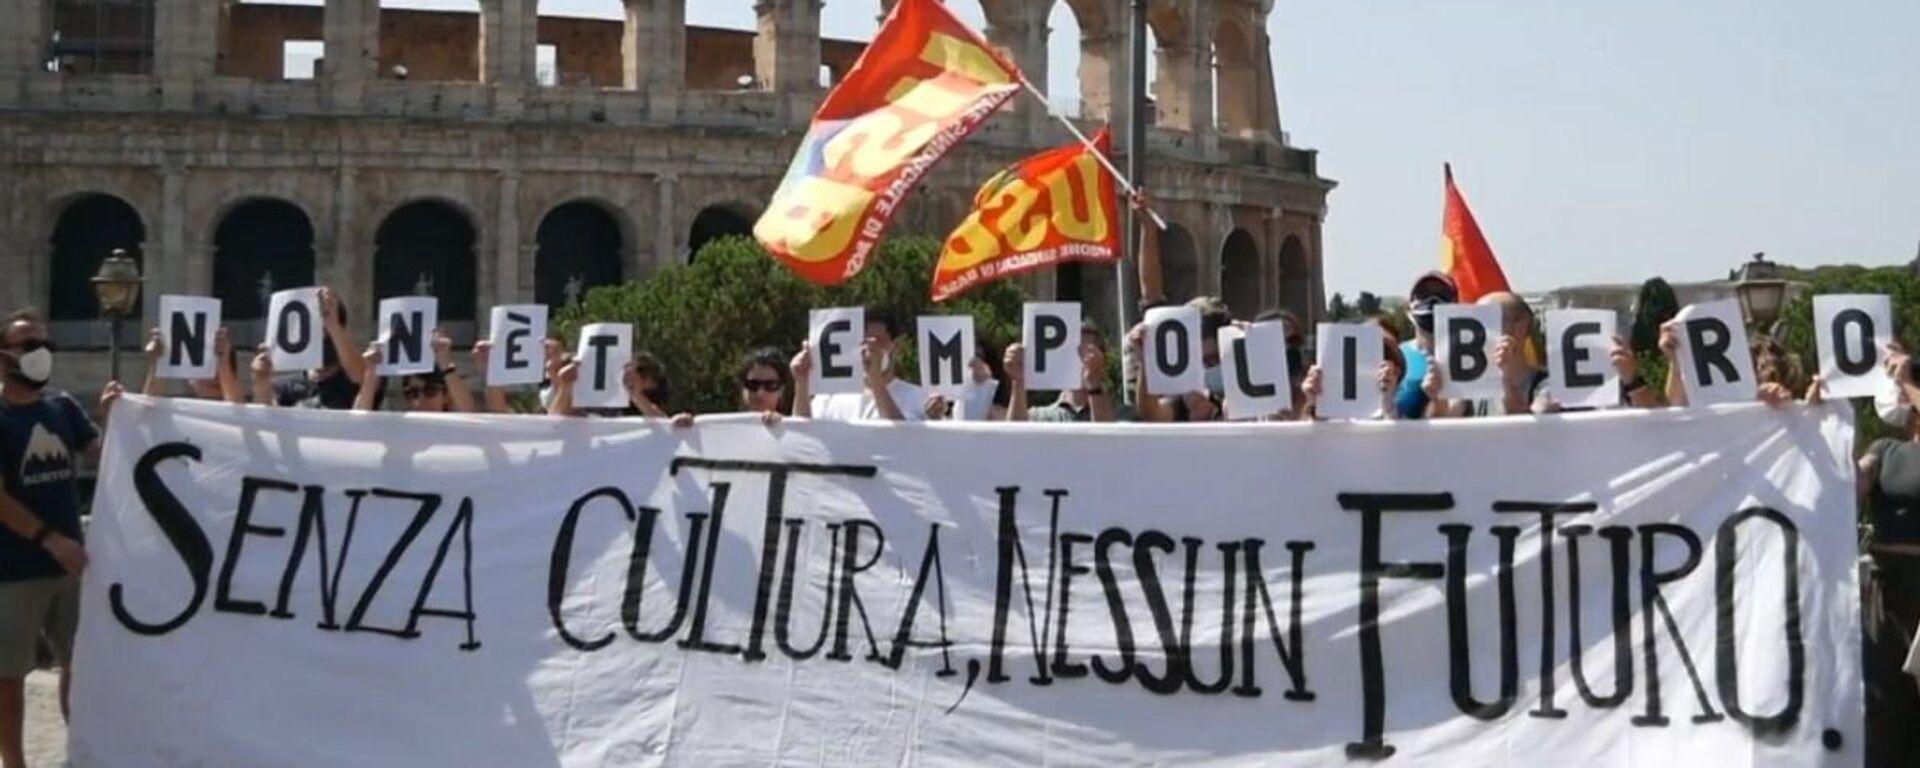 """G20 Cultura, protesta dei lavoratori: """"Senza cultura, nessun futuro"""" - Sputnik Italia, 1920, 30.07.2021"""